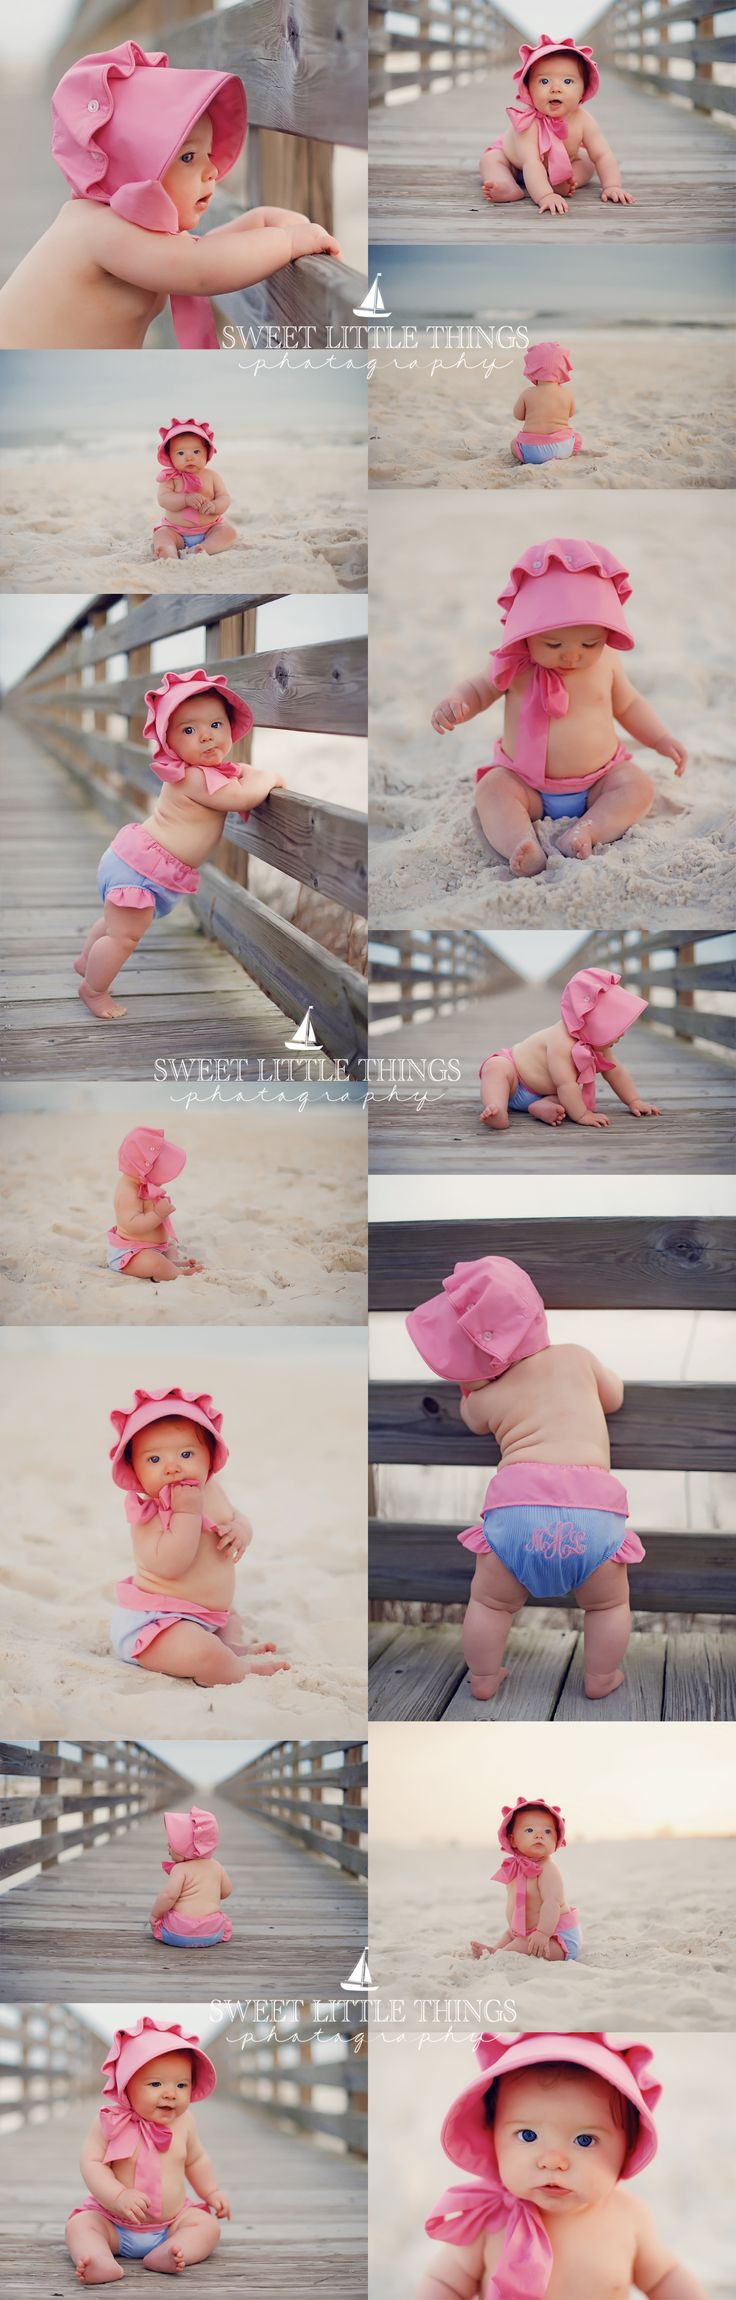 Adorable photoshoot